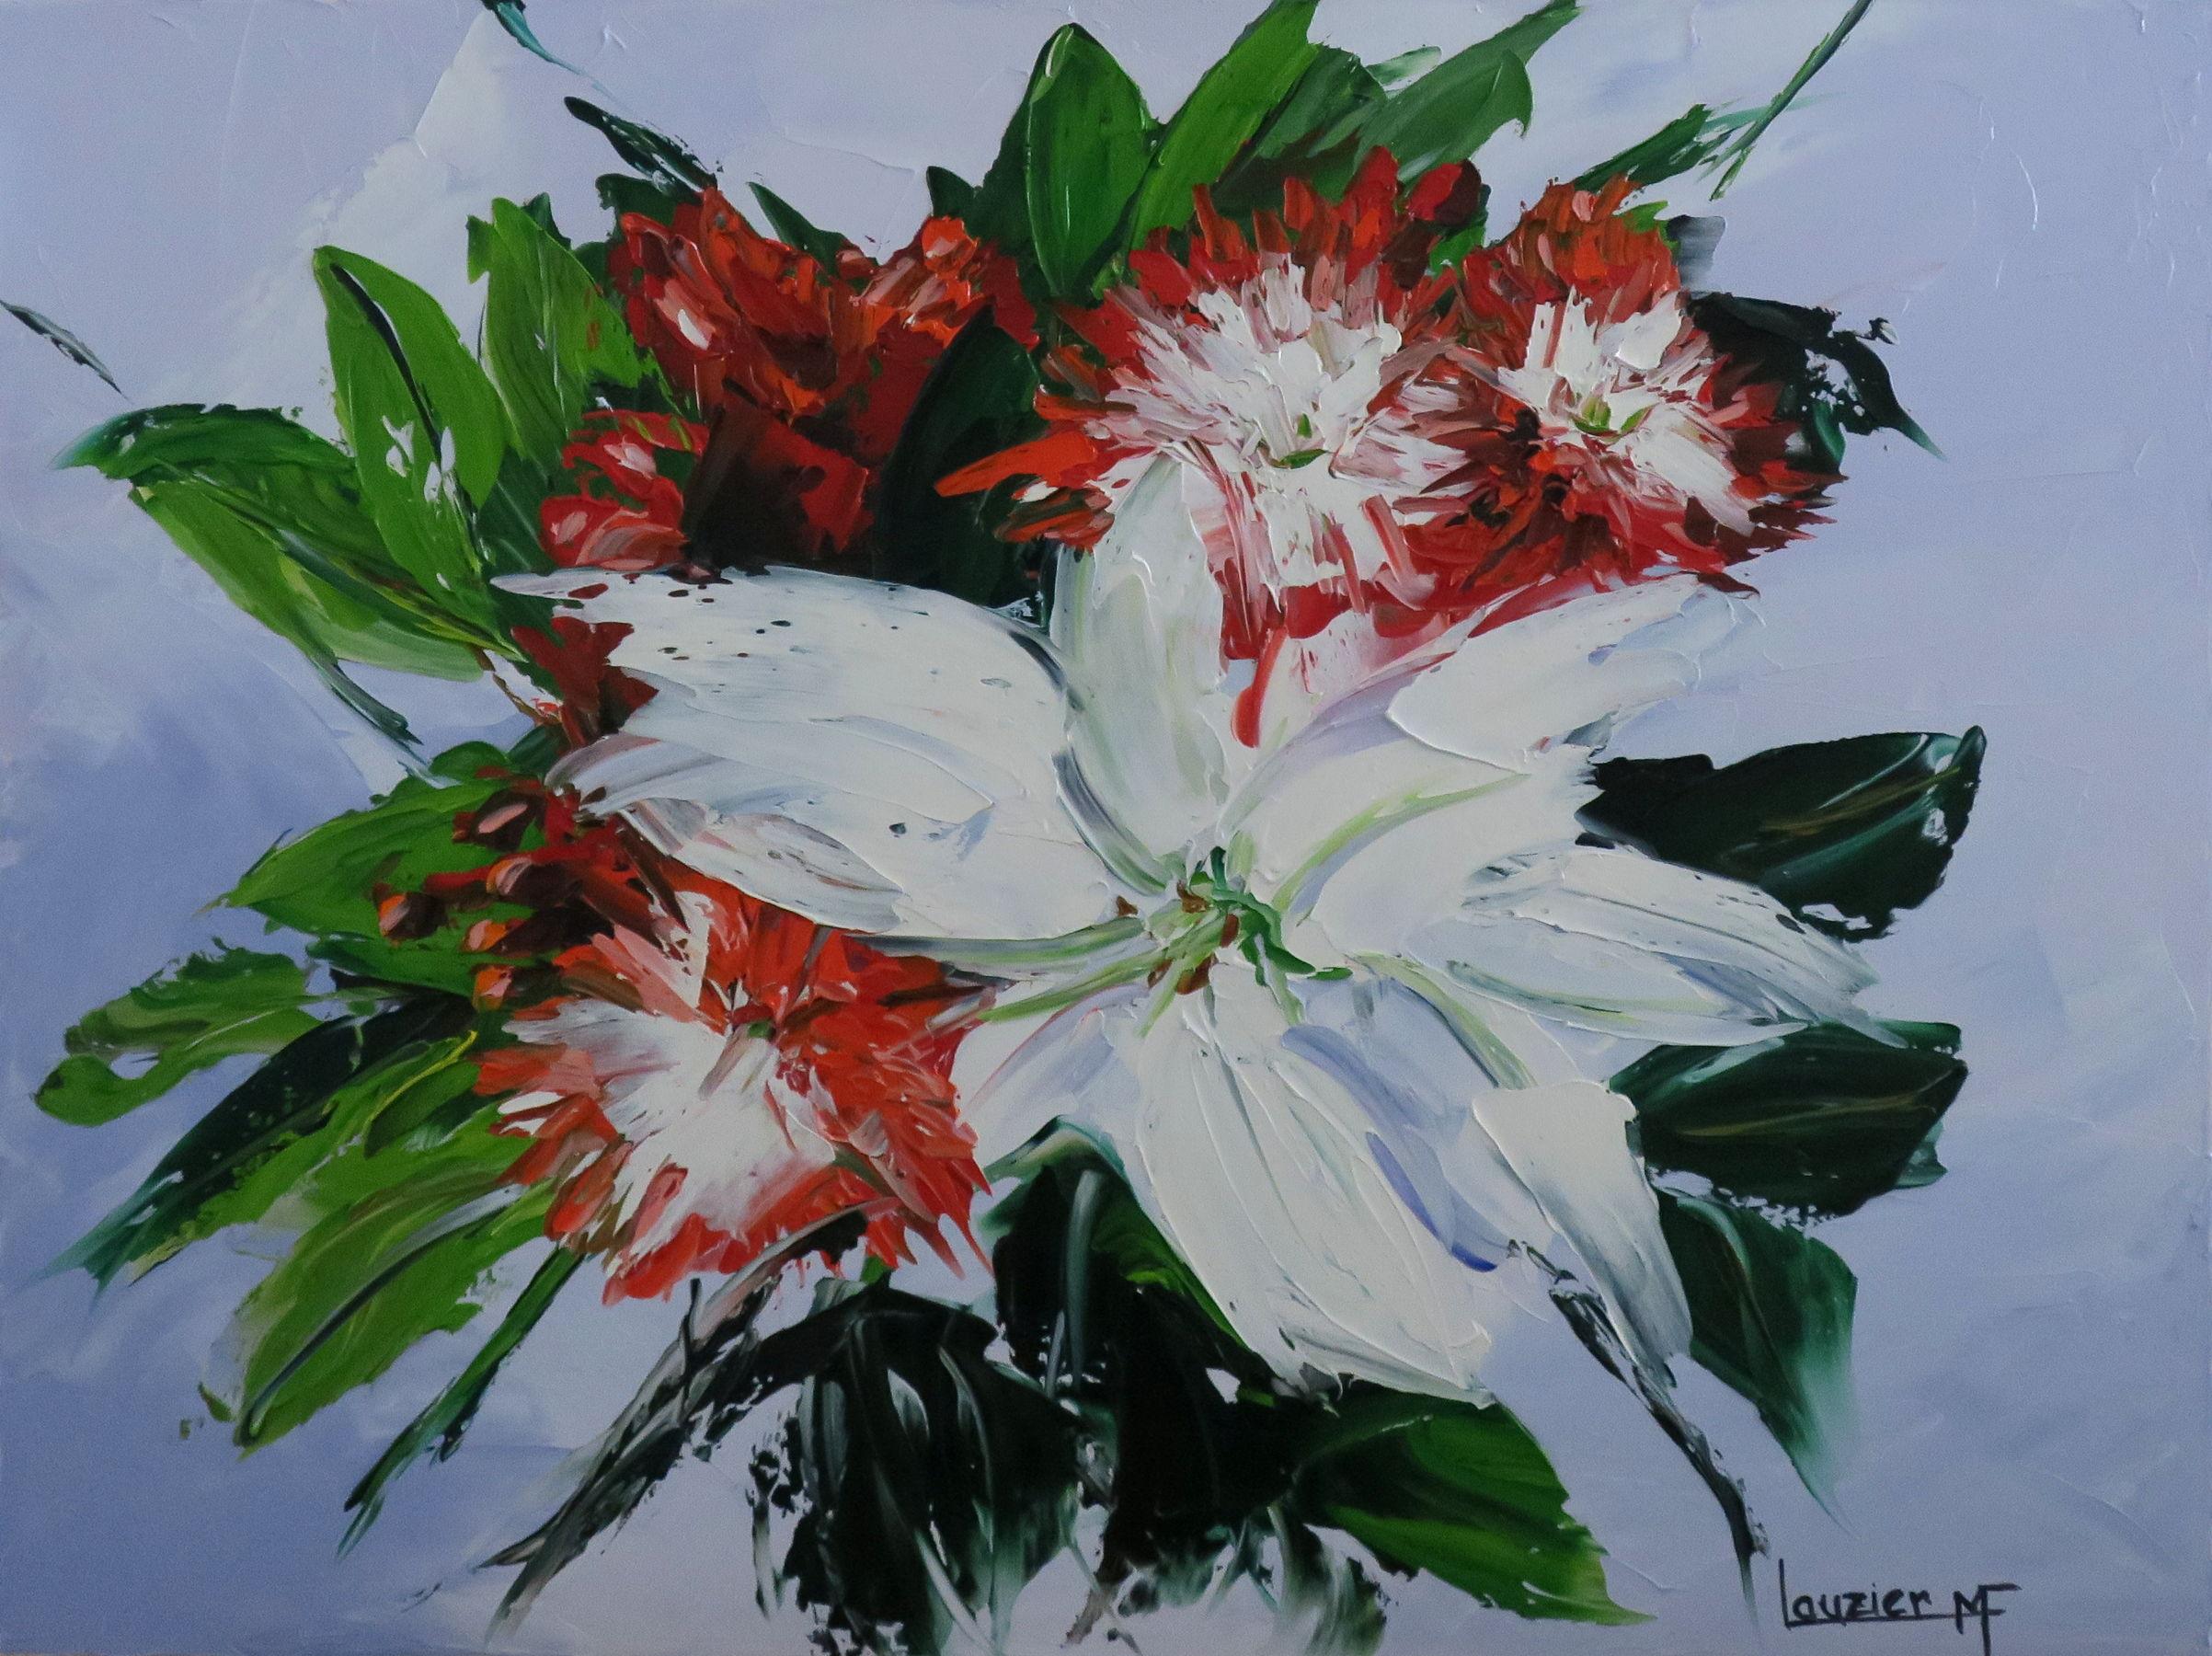 """Toile à l'huile 18""""x24"""" bouquet de fleurs marie-france lauzier"""